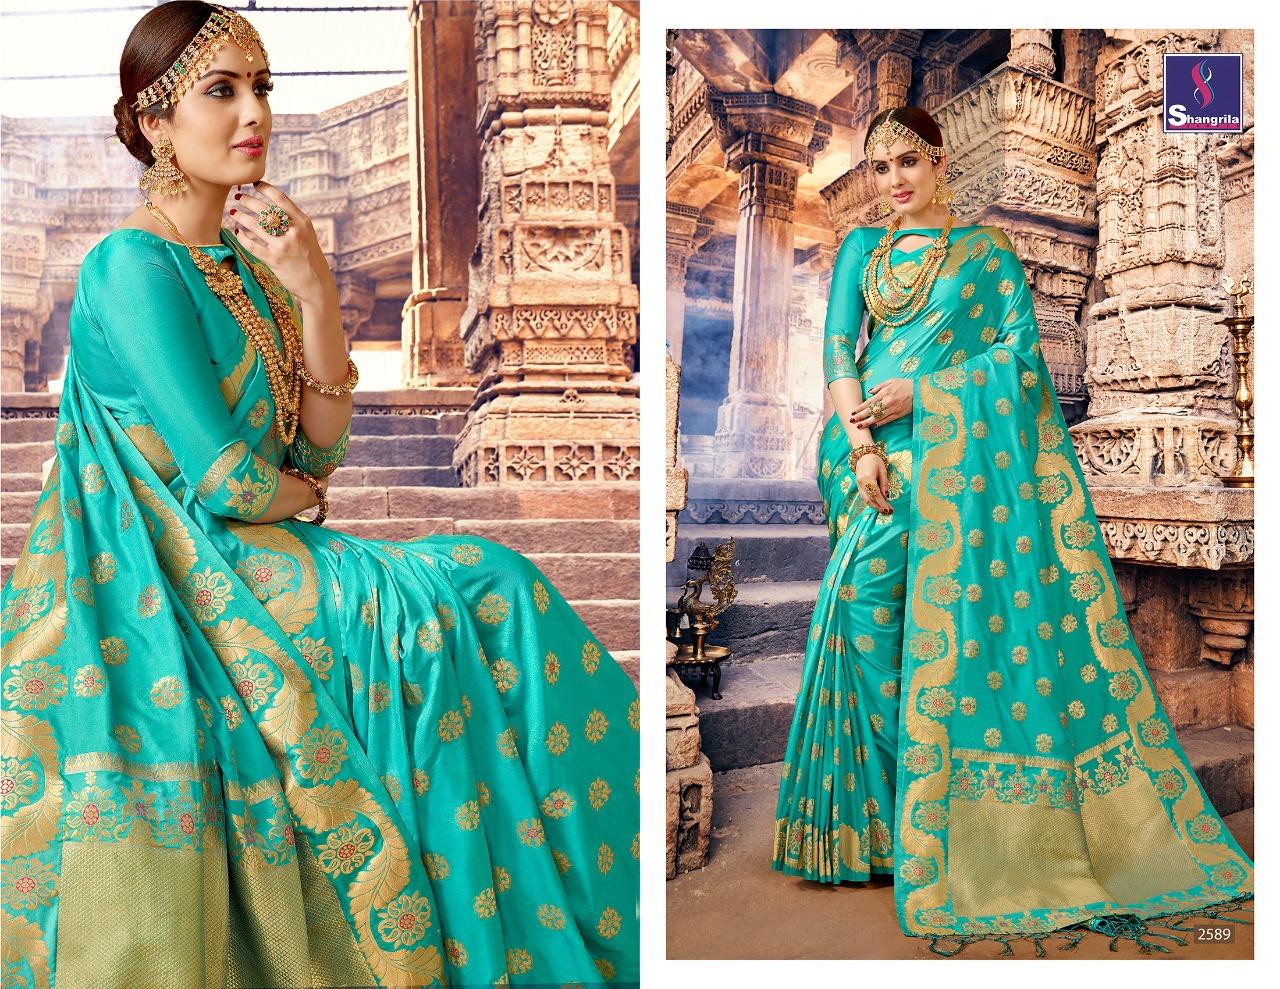 Shangrila Saree Nalli Silk 2589